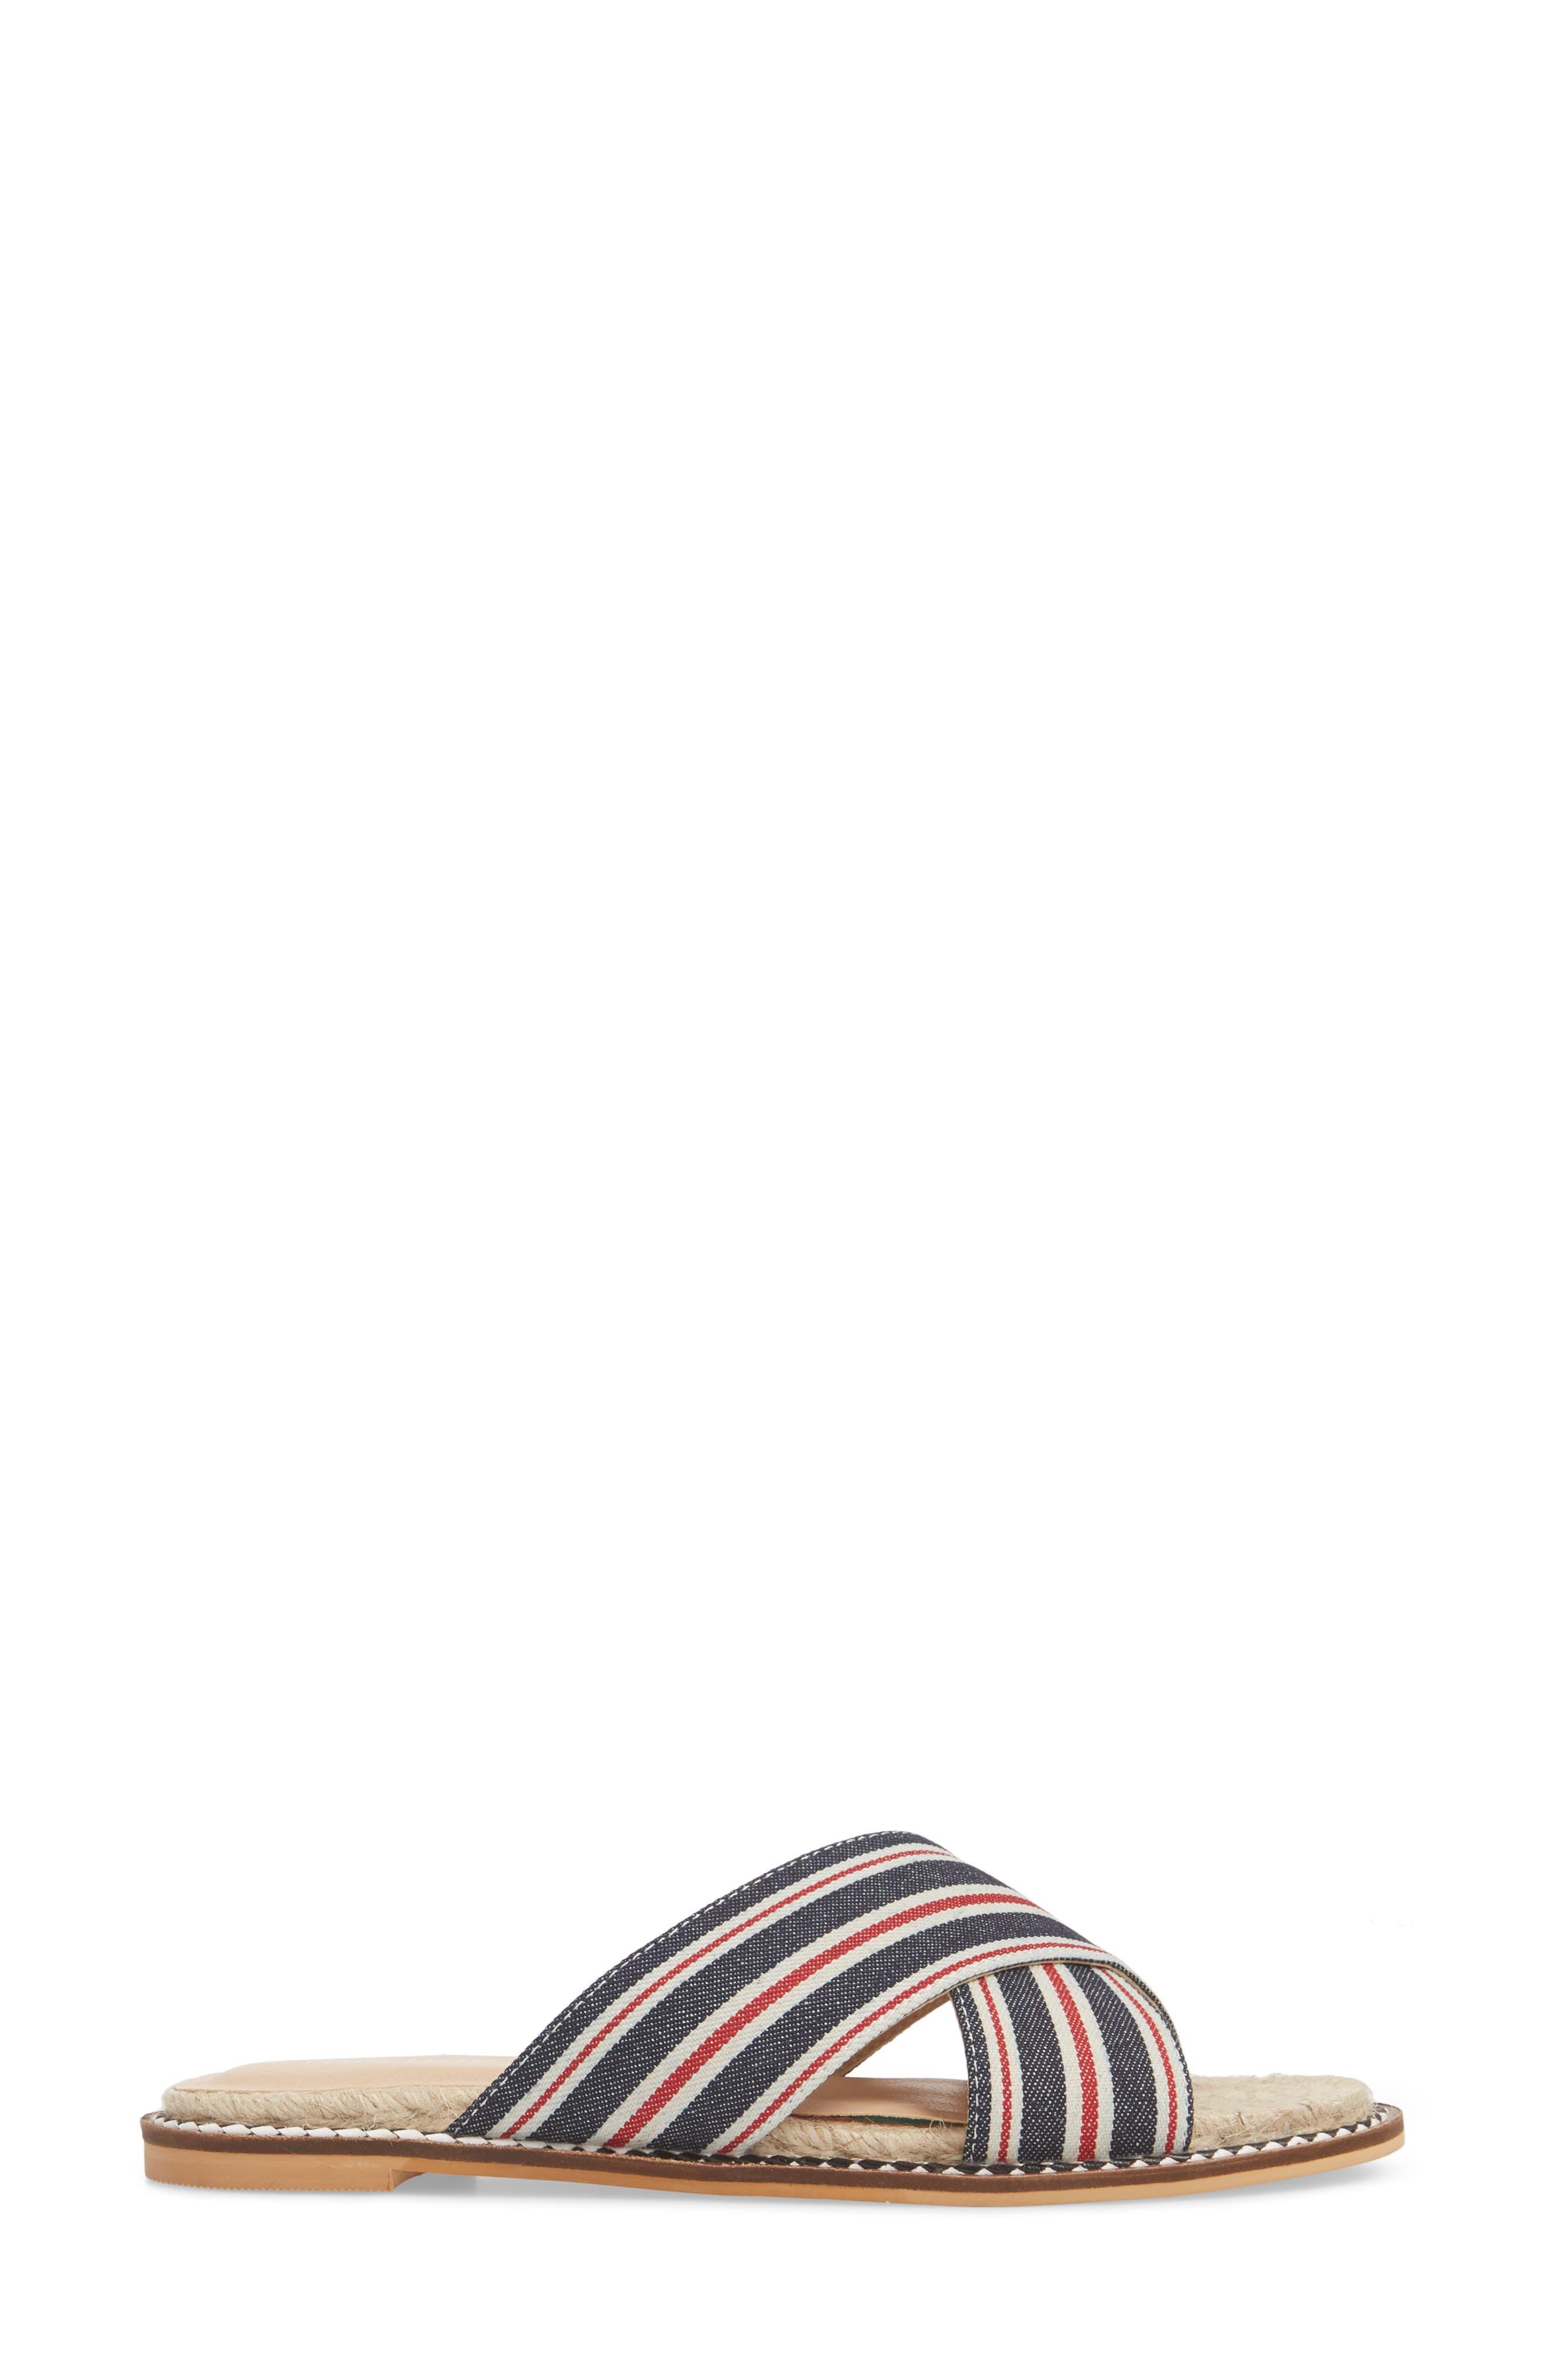 Hibiscus Slide Sandal,                             Alternate thumbnail 3, color,                             Navy Blue Multi